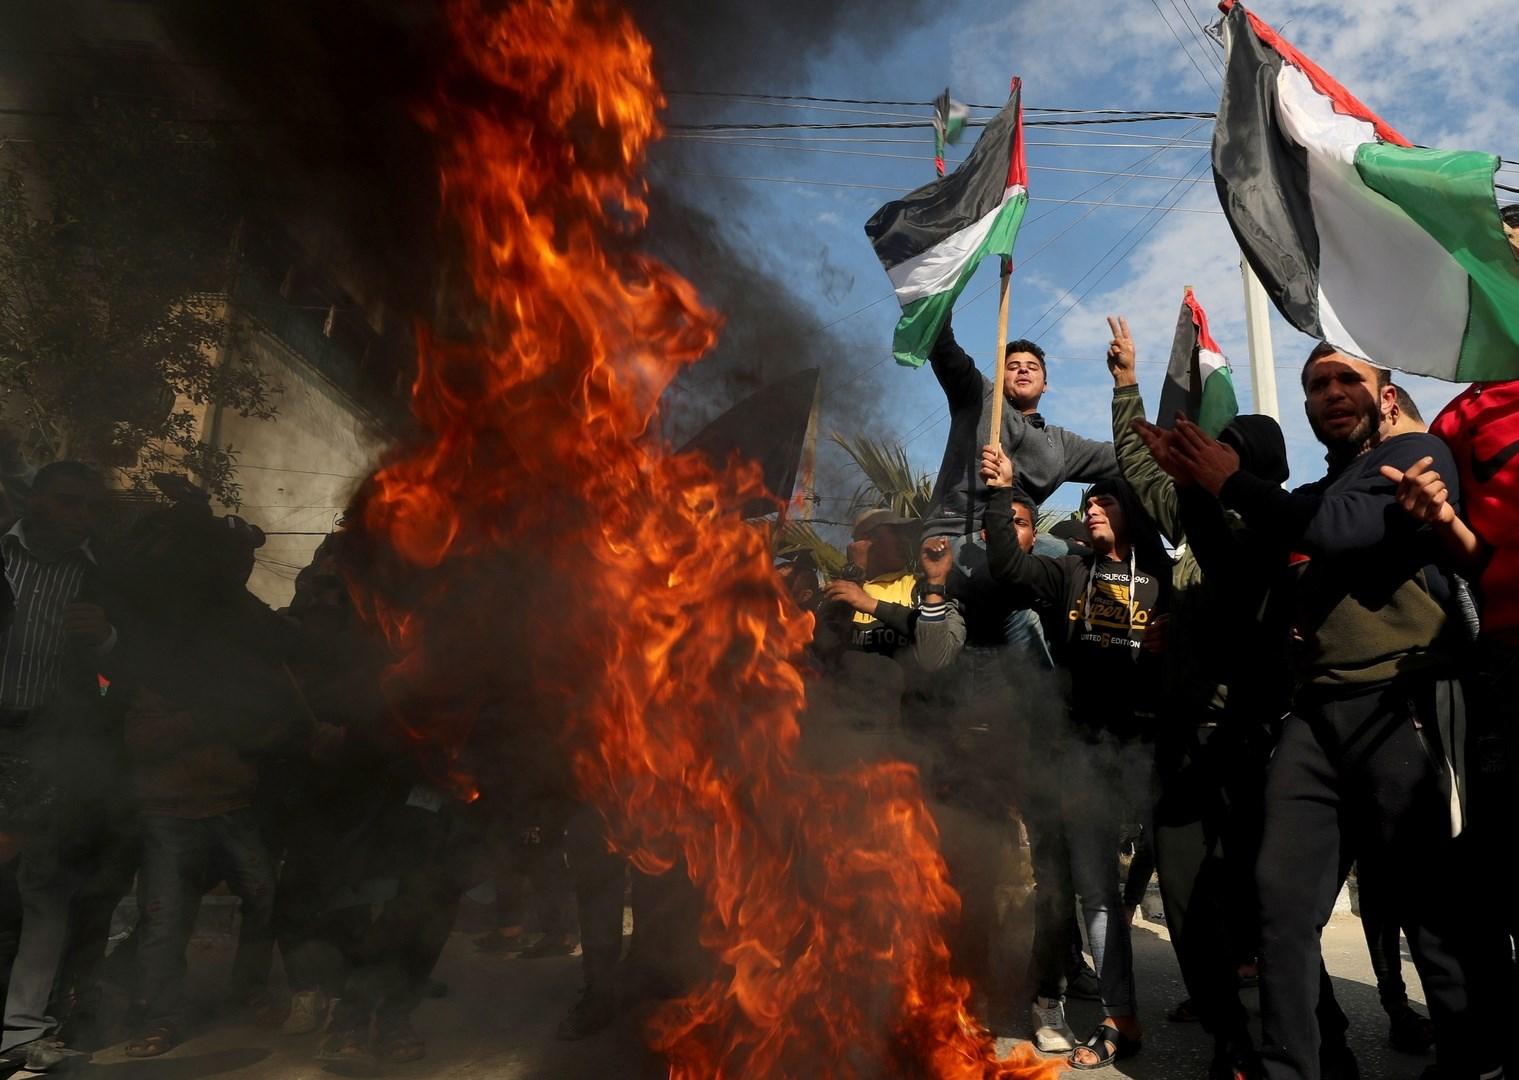 متظاهرون سودانيون يحرقون العلم الإسرائيلي رفضاً للتطبيع